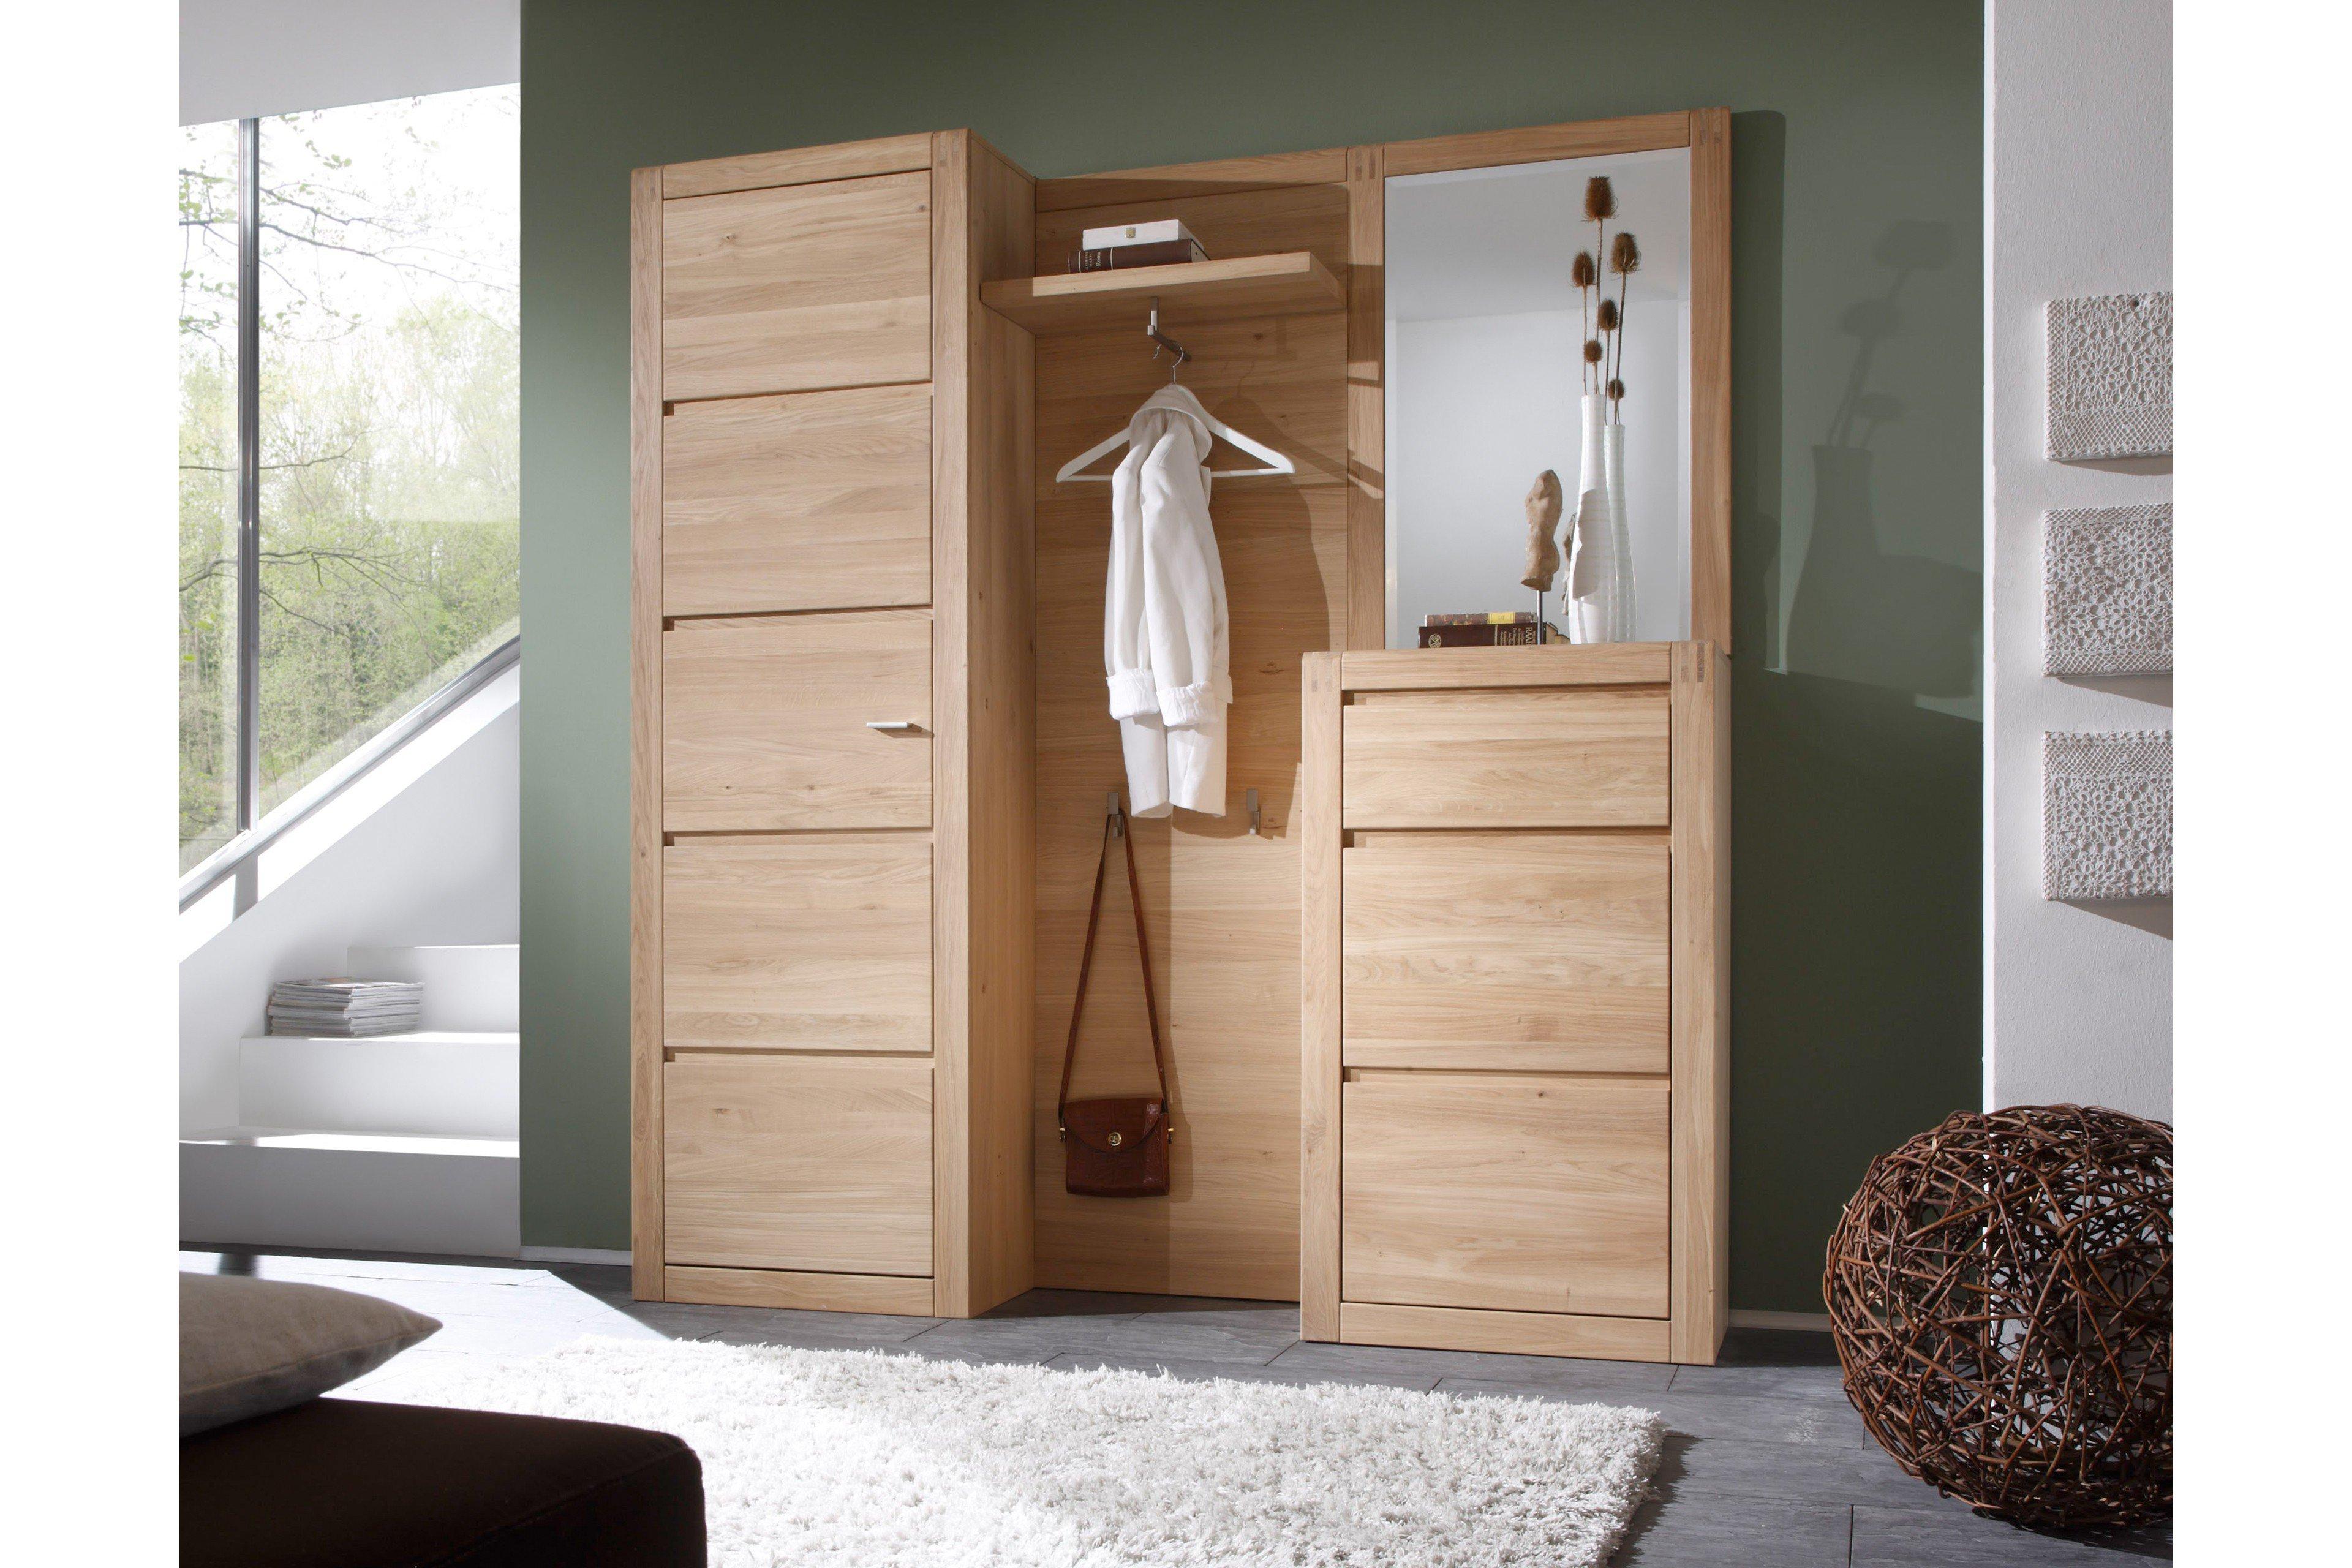 garderobe vivien eiche aus der kollektion letz m bel. Black Bedroom Furniture Sets. Home Design Ideas